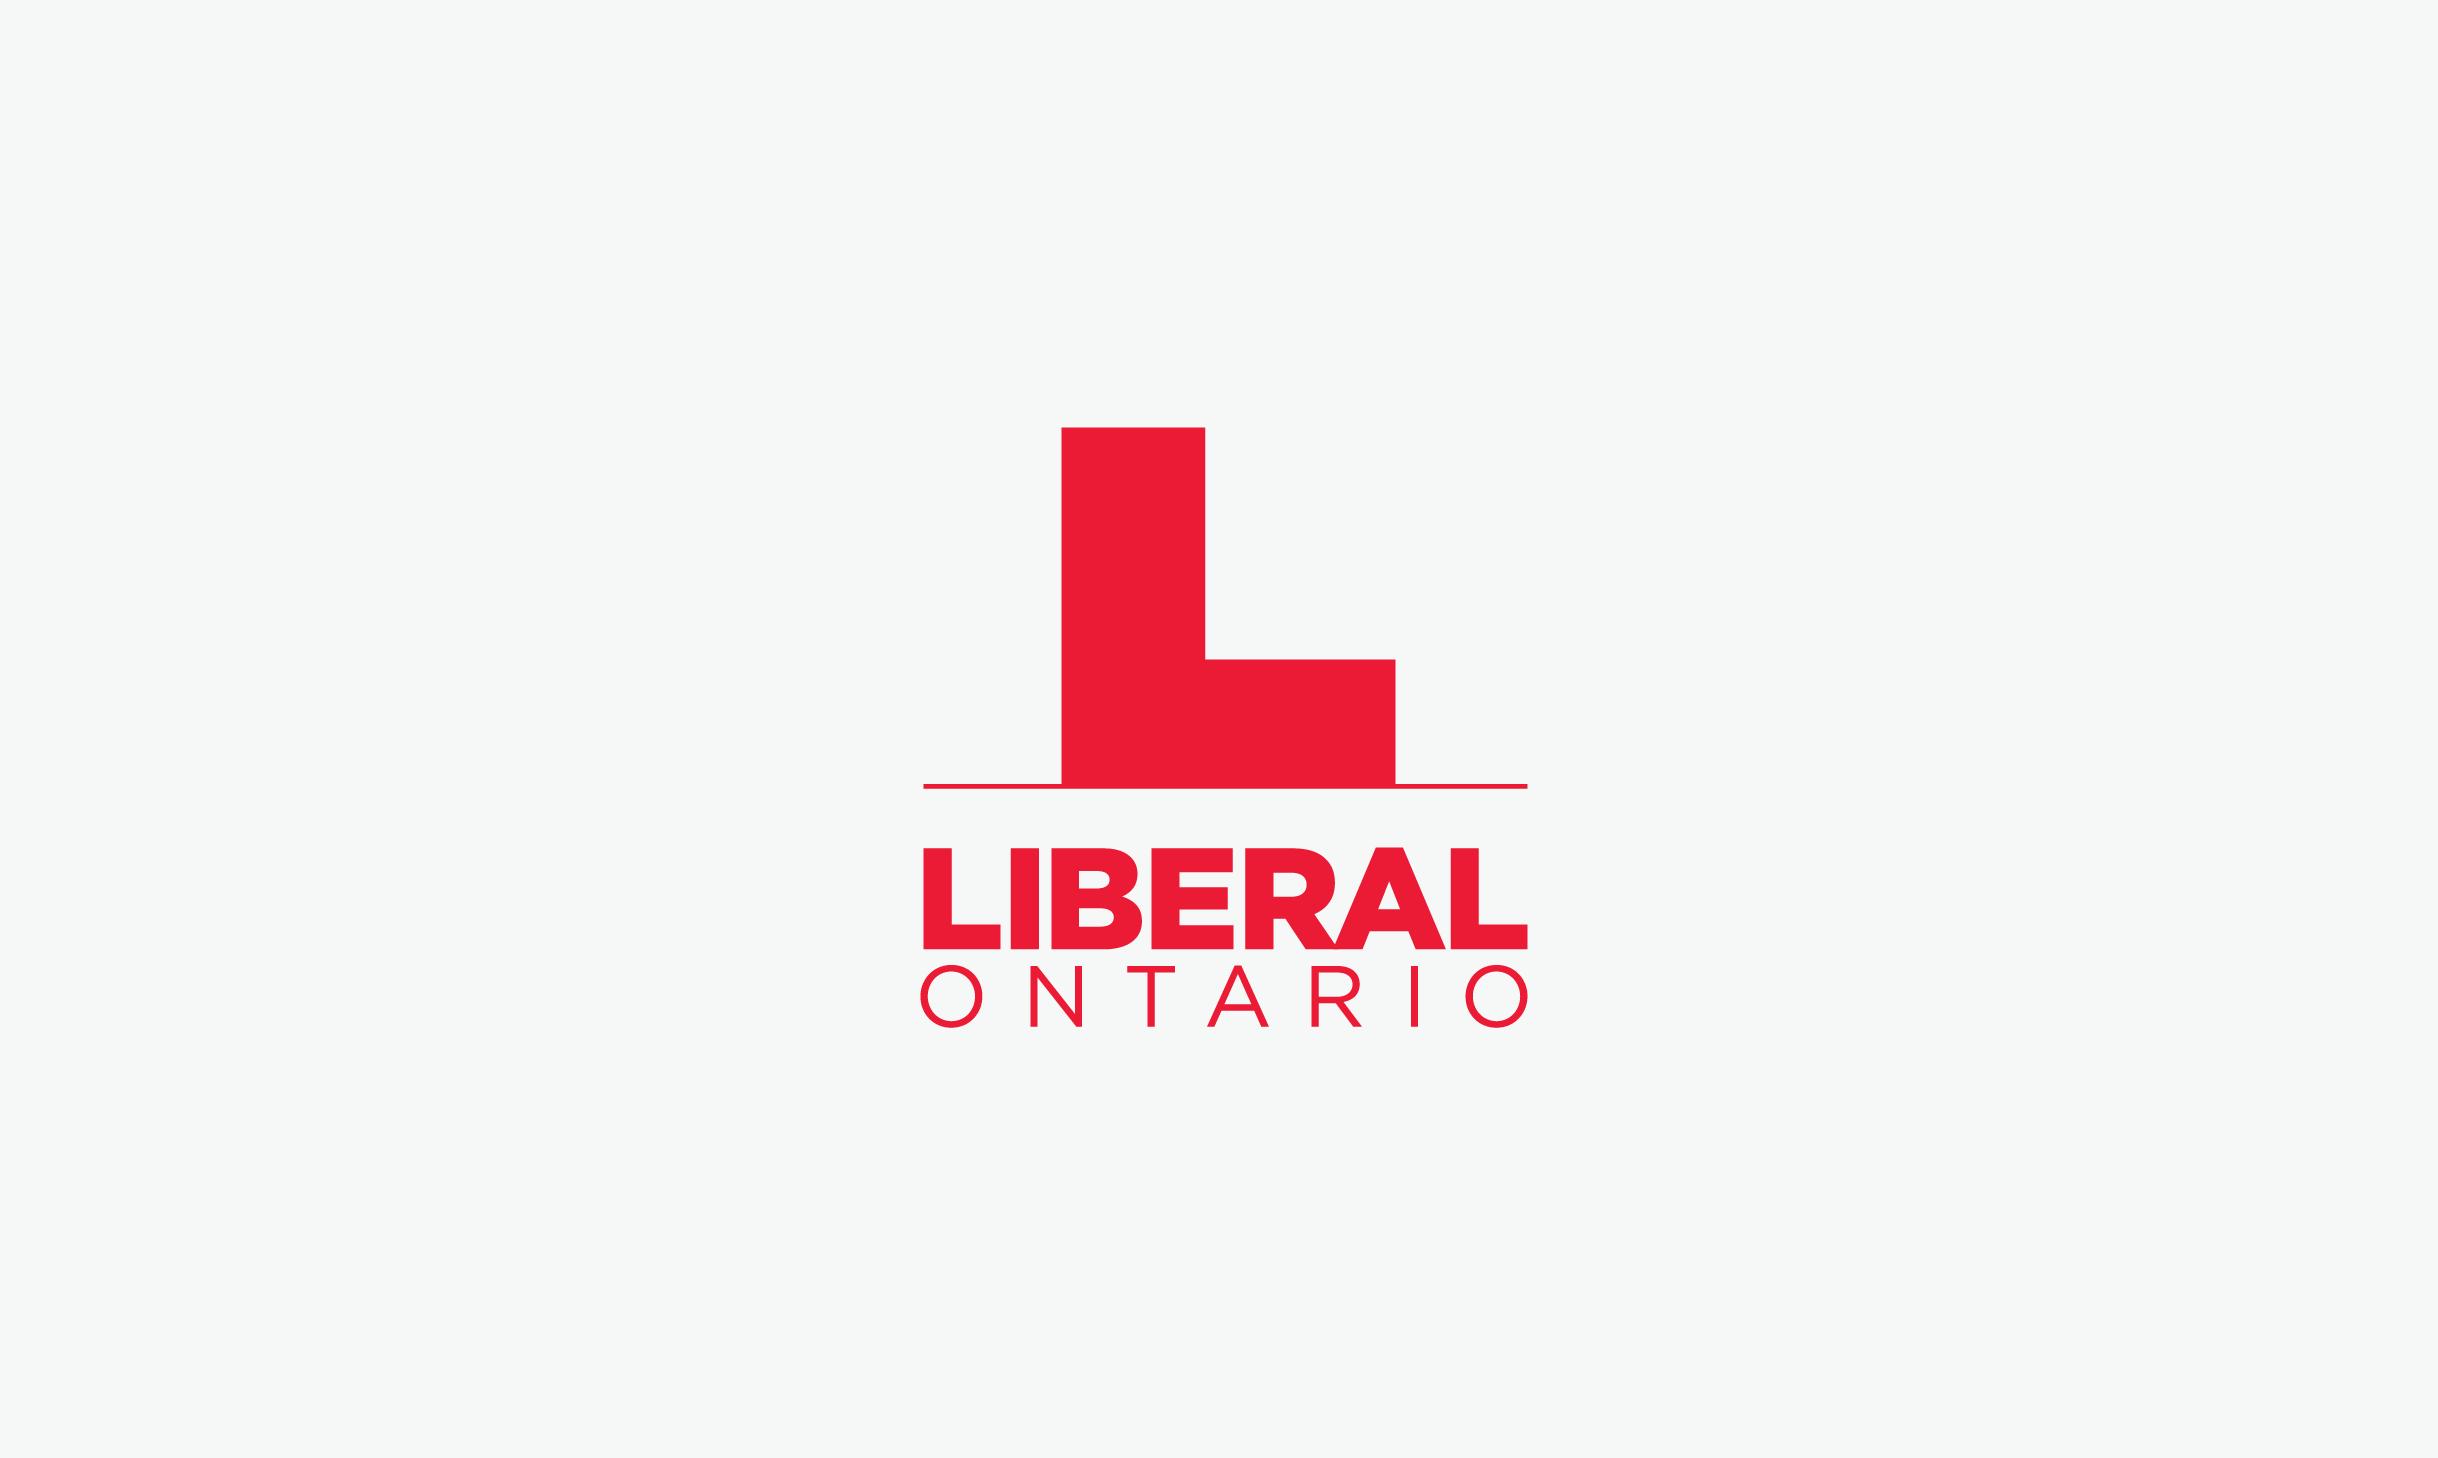 logos-2-01